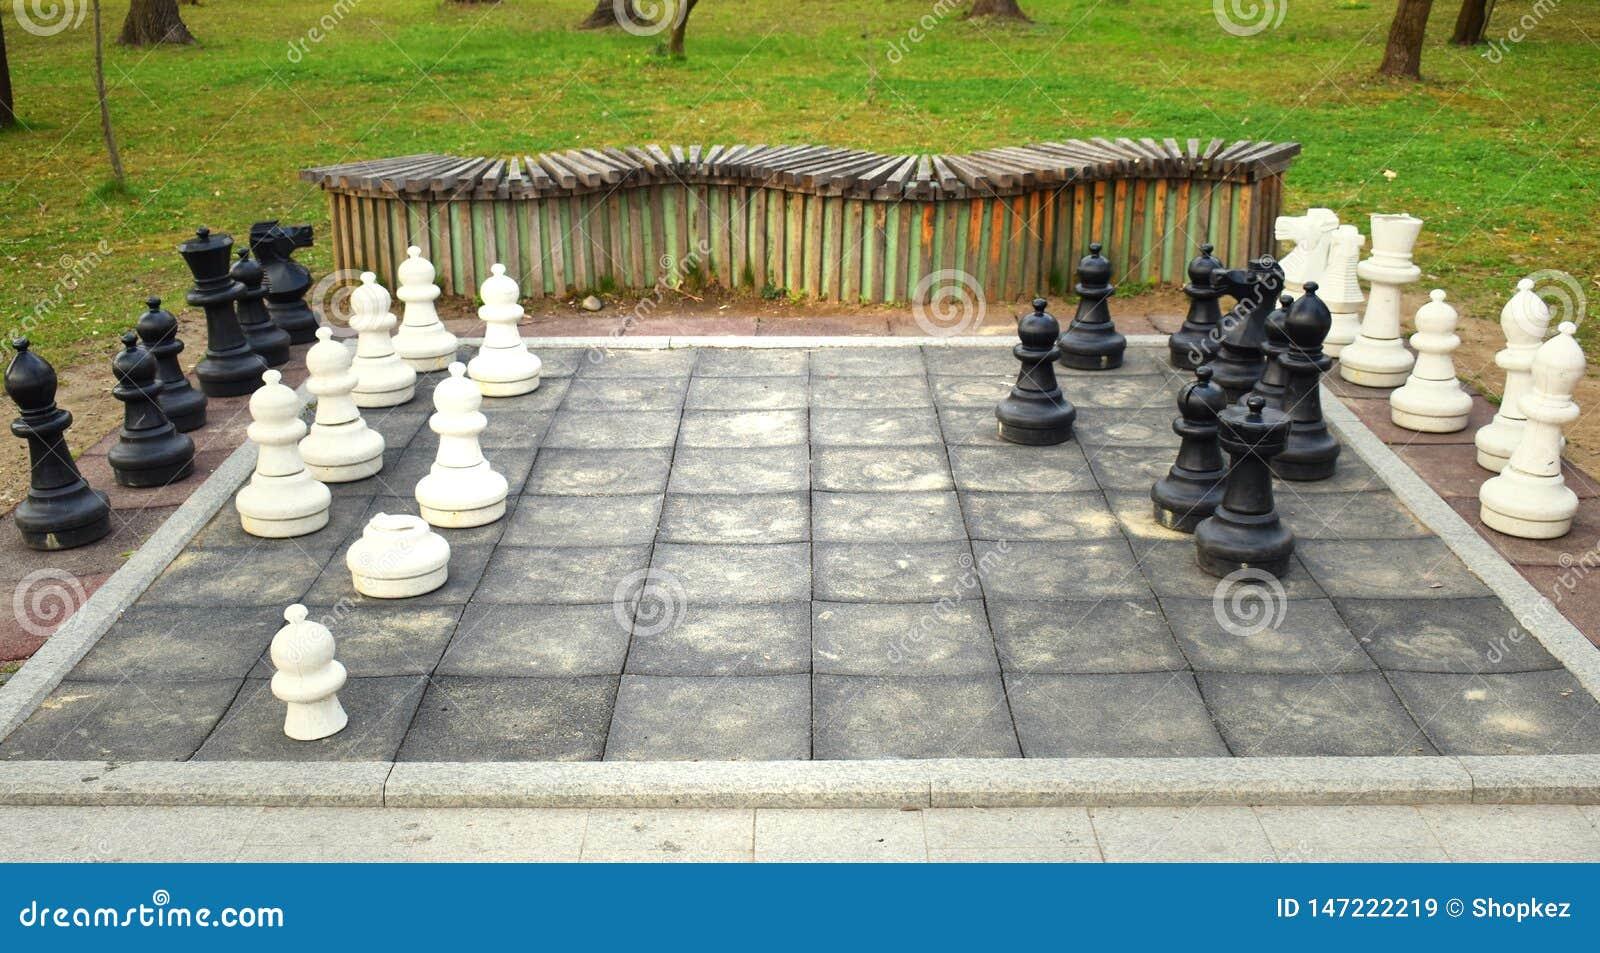 Μεγάλος πίνακας σκακιού με τα τεράστια κομμάτια στο πάρκο